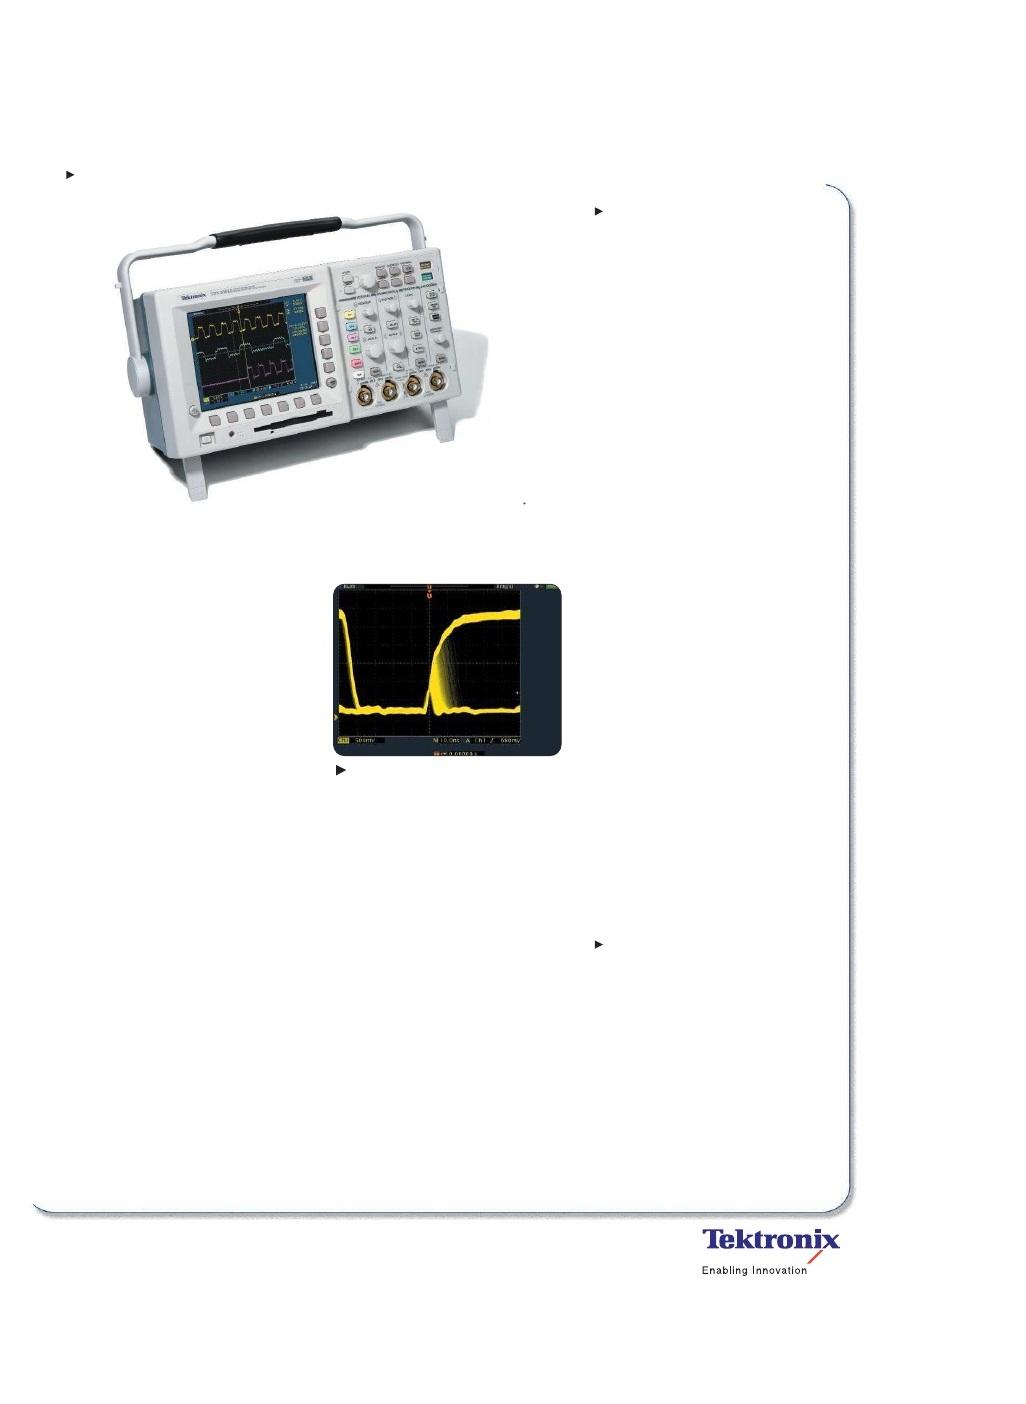 tds3000b tektronix series digital oscilloscope